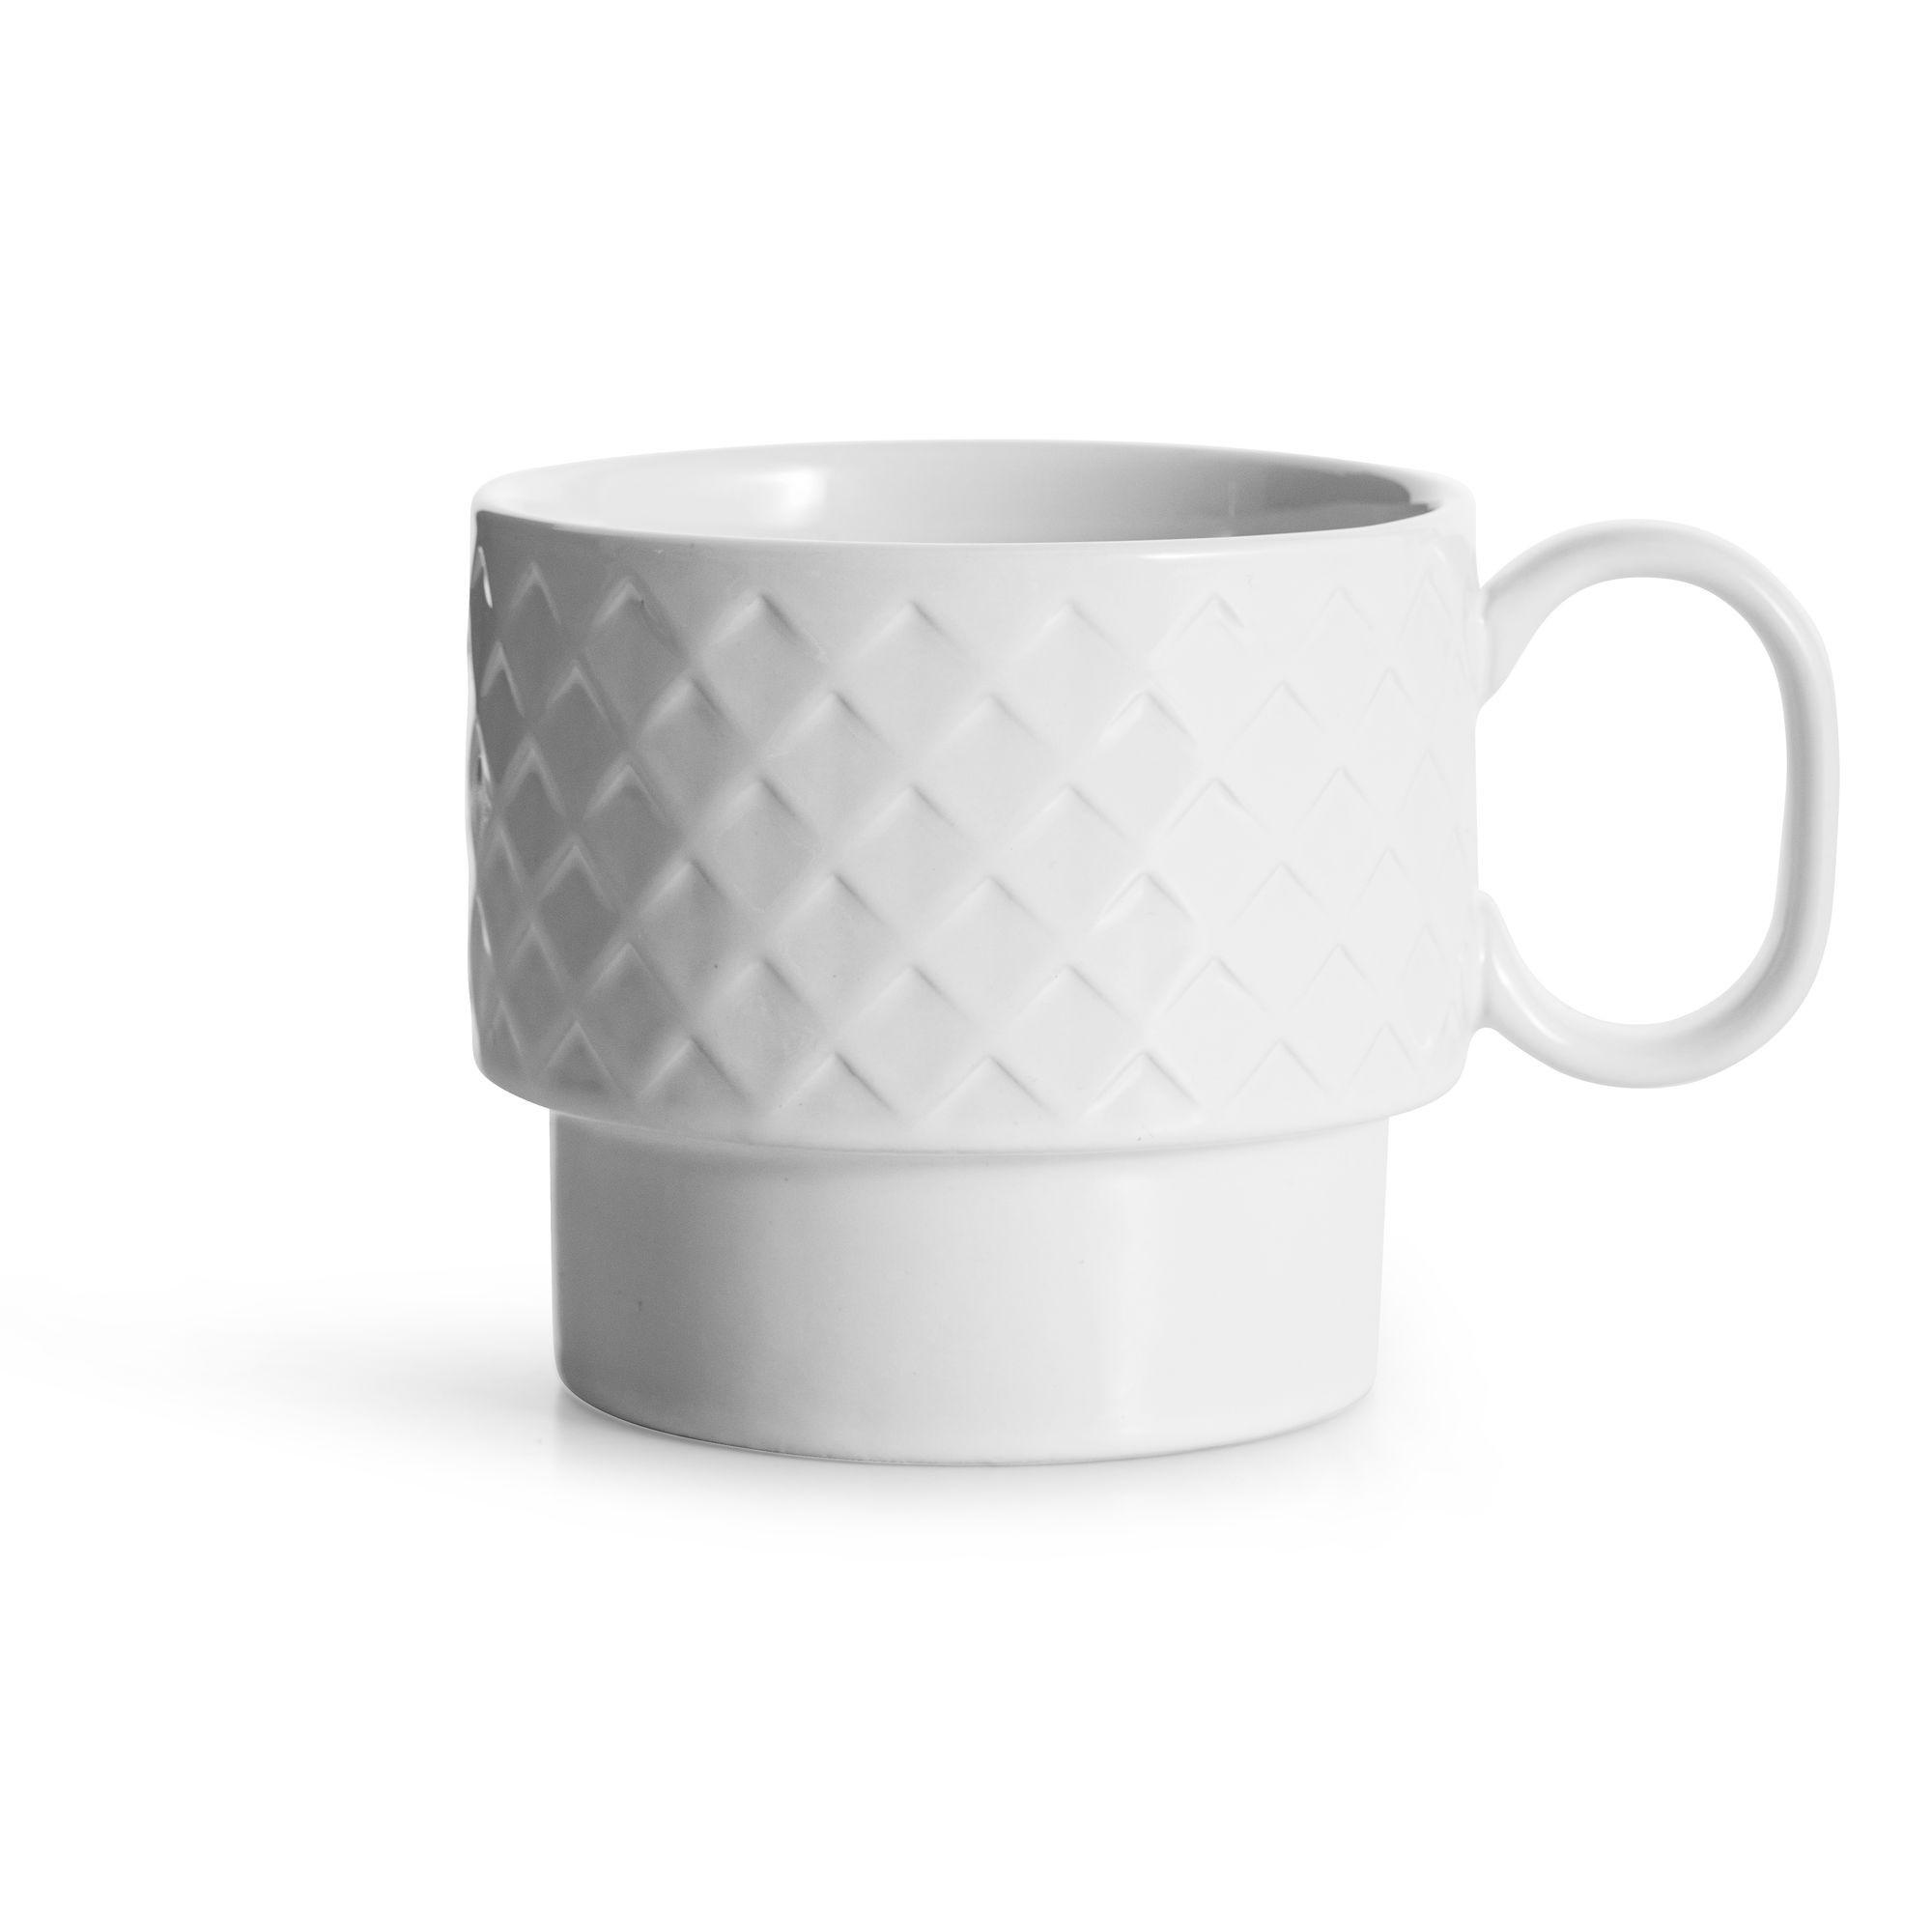 filiżanka do herbaty, biała, ceramika, 0,4 l, wys. 9 cm